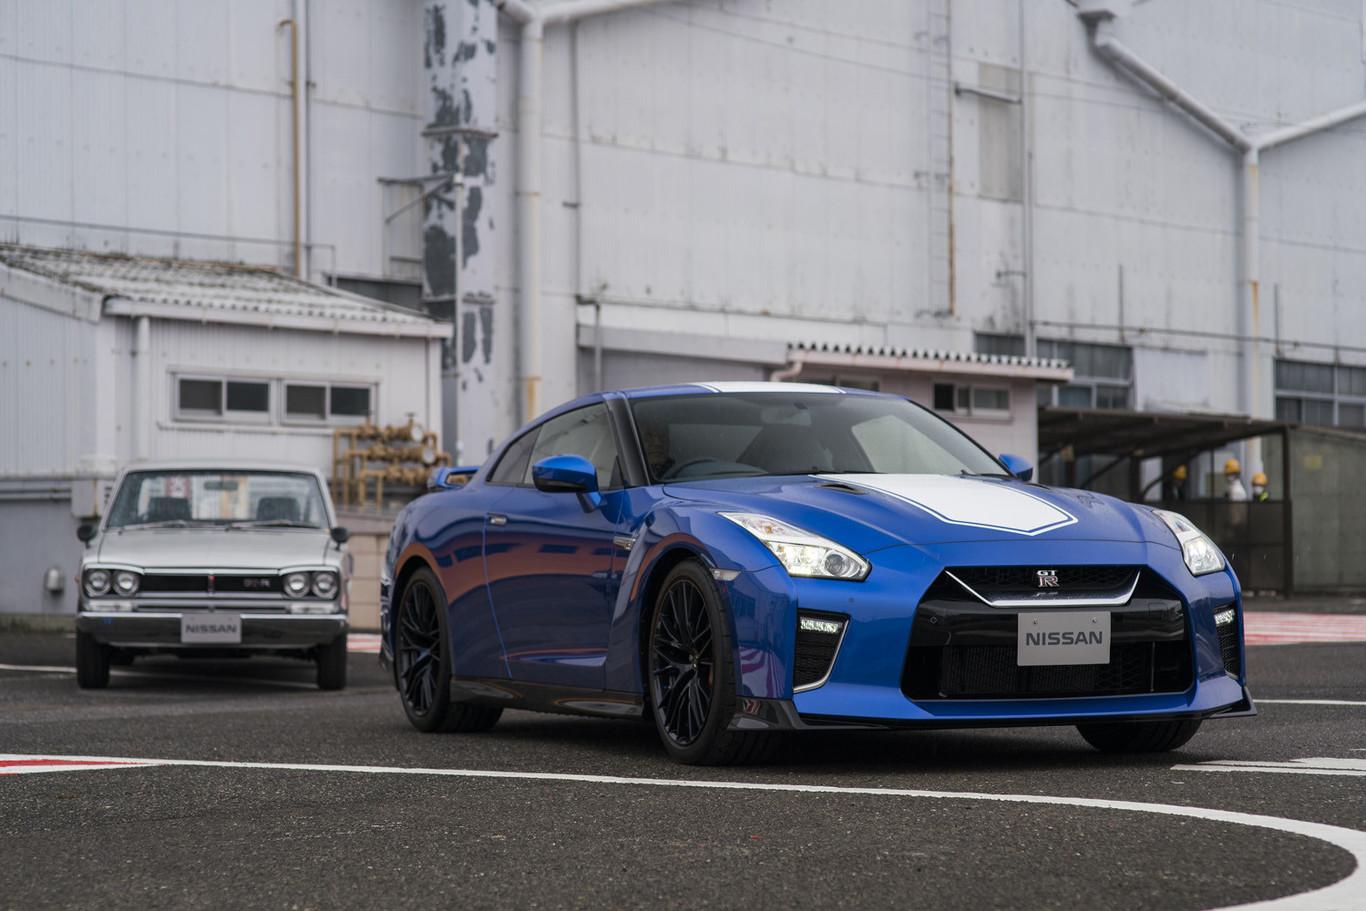 El Nissan GT-R celebra su 50 aniversario vistiéndose con el mítico color azul del Skyline GT-R R34